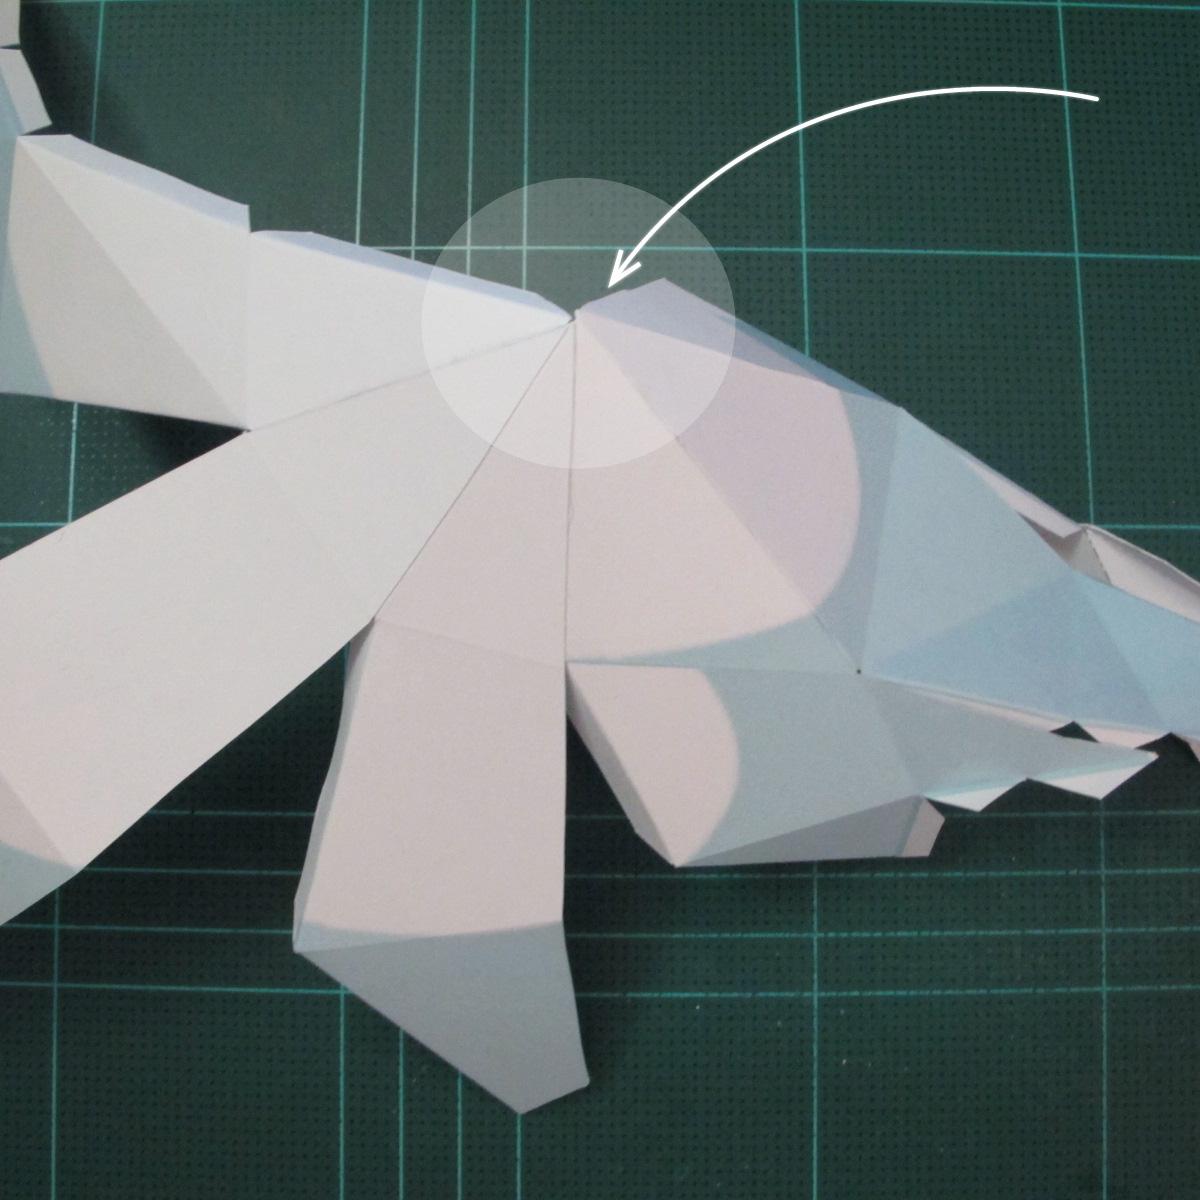 วิธีทำโมเดลกระดาษตุ้กตาคุกกี้รัน คุกกี้รสจิ้งจอกเก้าหาง (Cookie Run Nine Tails Cookie Papercraft Model) 003